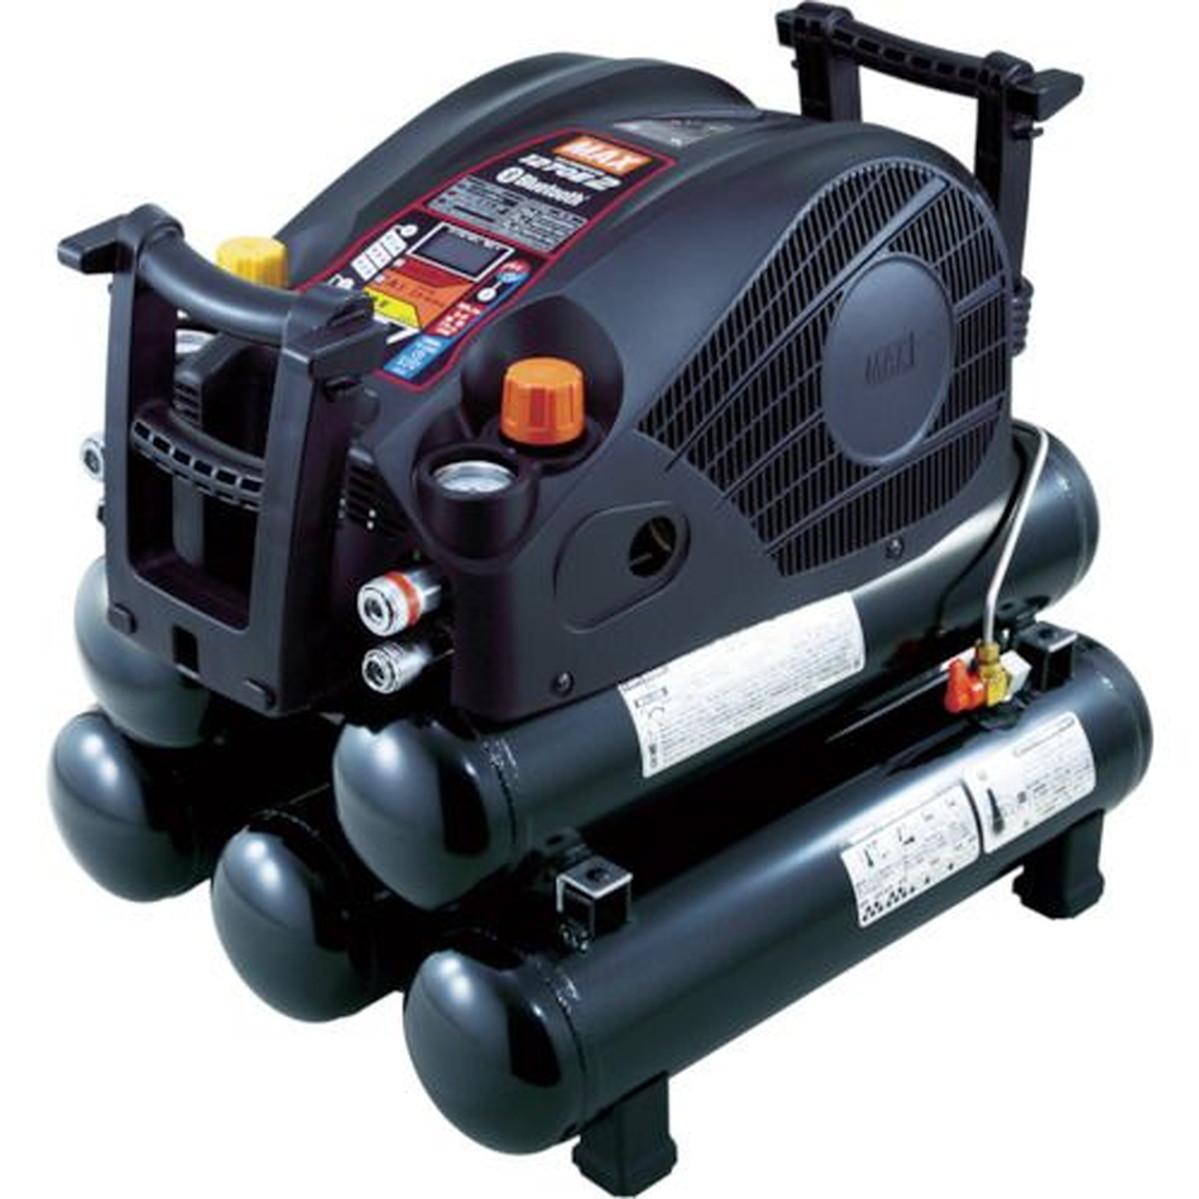 MAX 45気圧スーパーエアコンプレッサ 高圧・常圧専用 ブラック 27Lタンク 1台